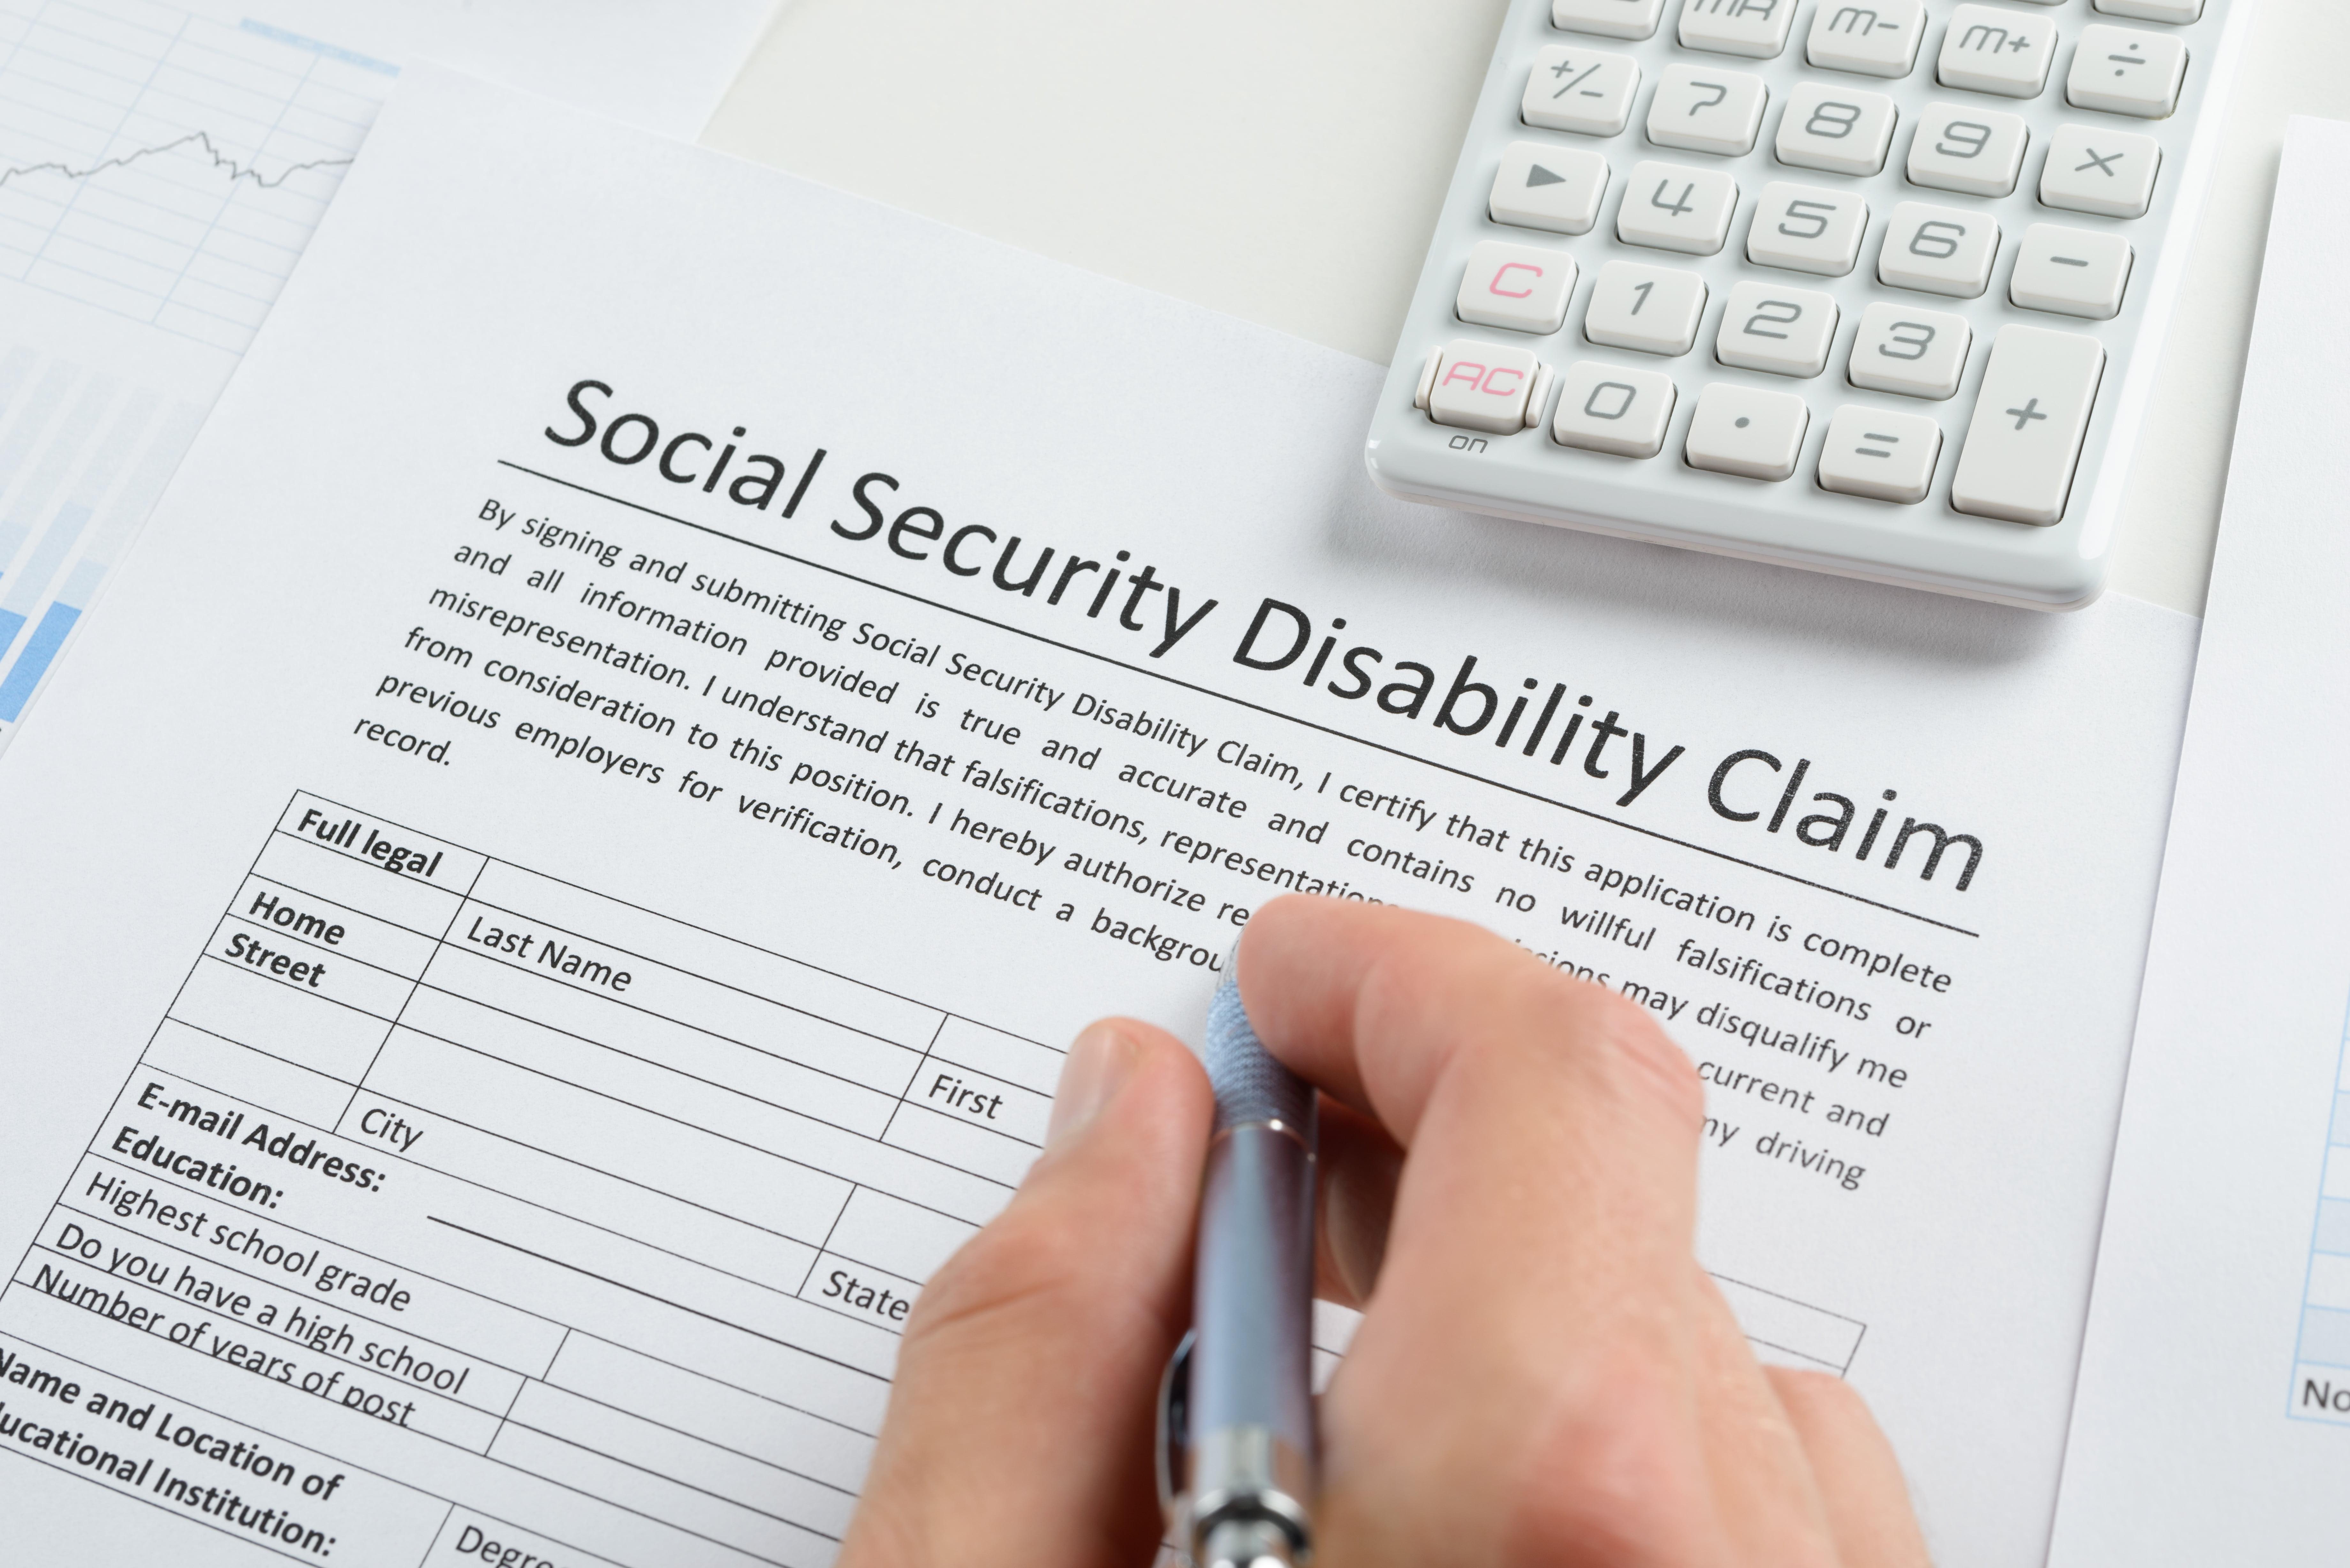 Social Security Disability Claim document